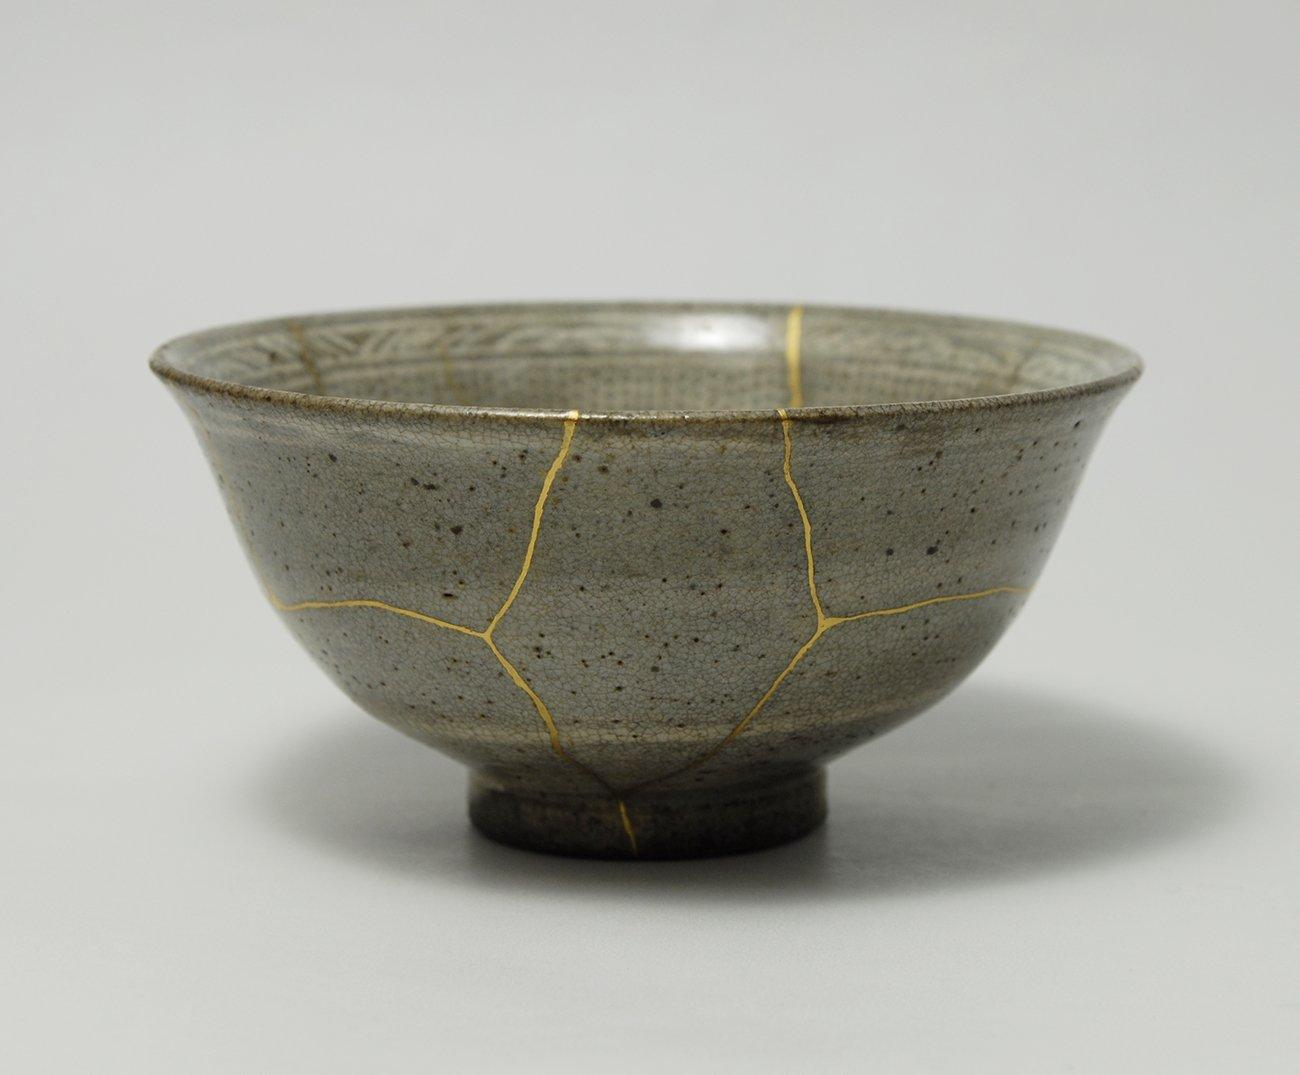 Arte Giapponese Del Kintsugi metafora del kintsugi. l'arte della resilienza   causa effetto